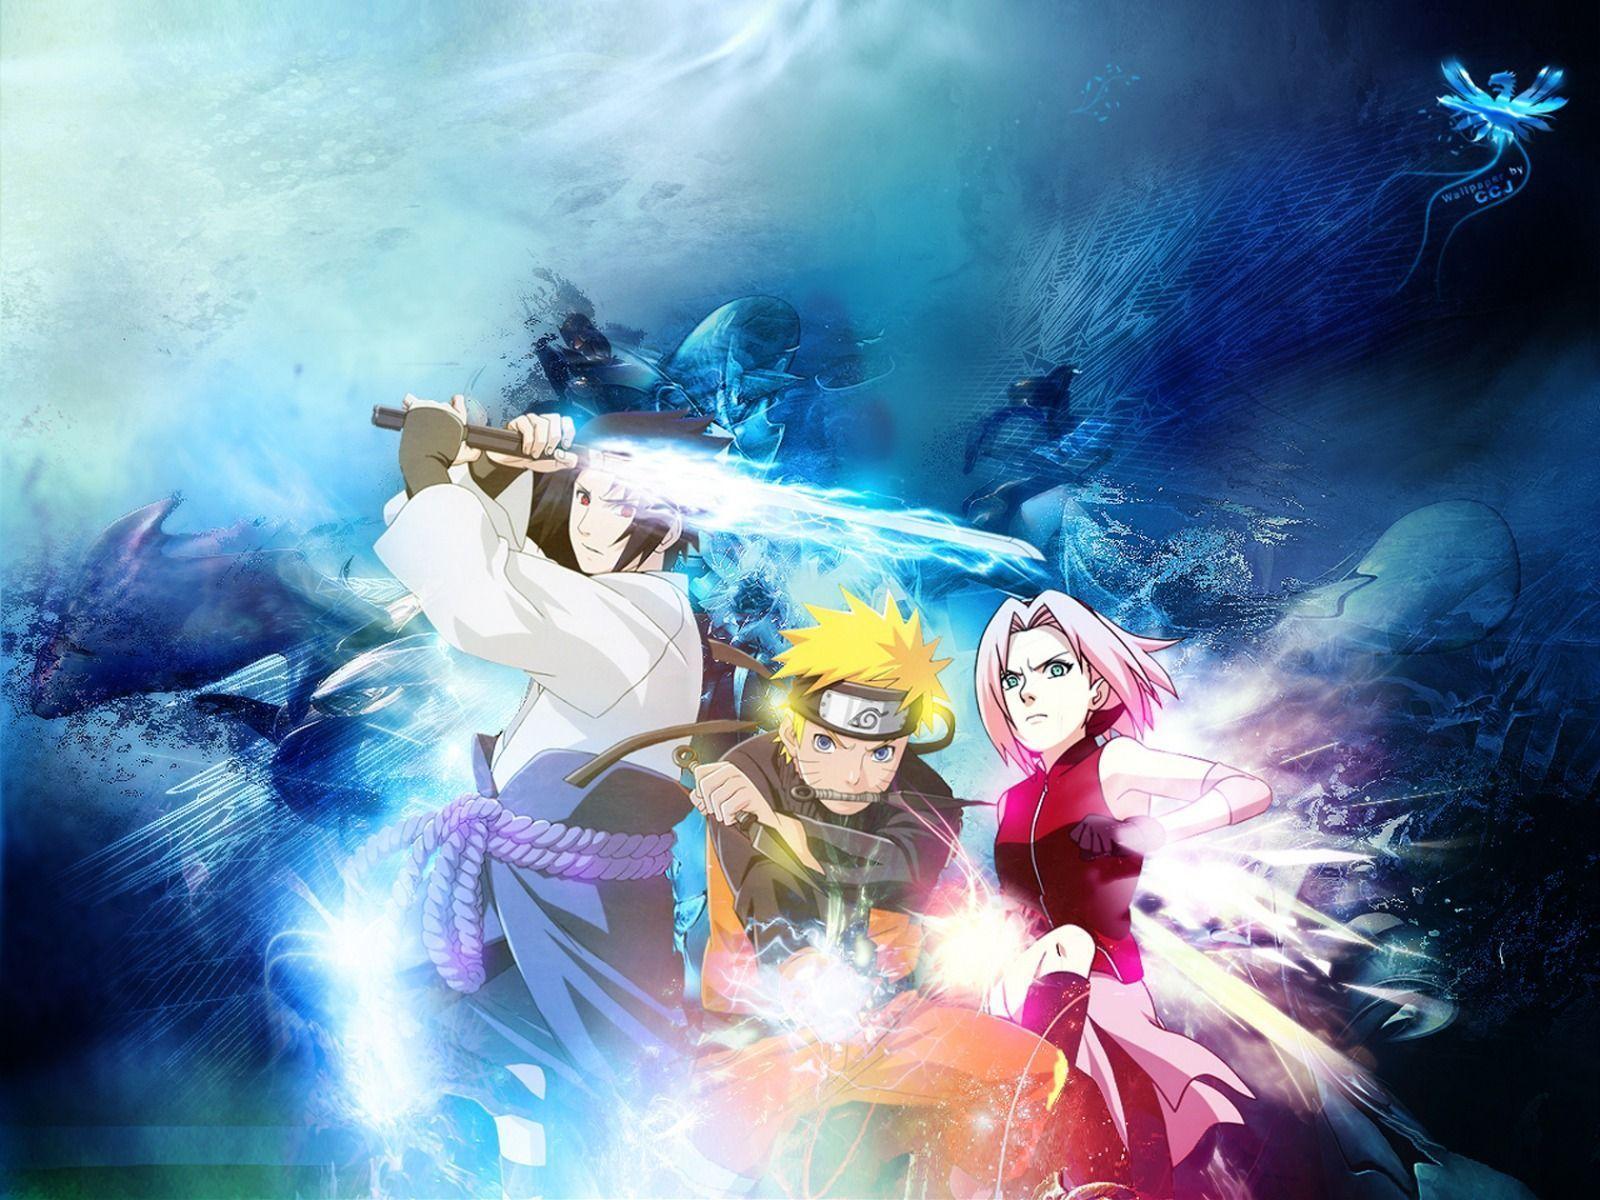 Naruto's Hatred Against Sasuke - Naruto Shippuuden Wallpaper ...